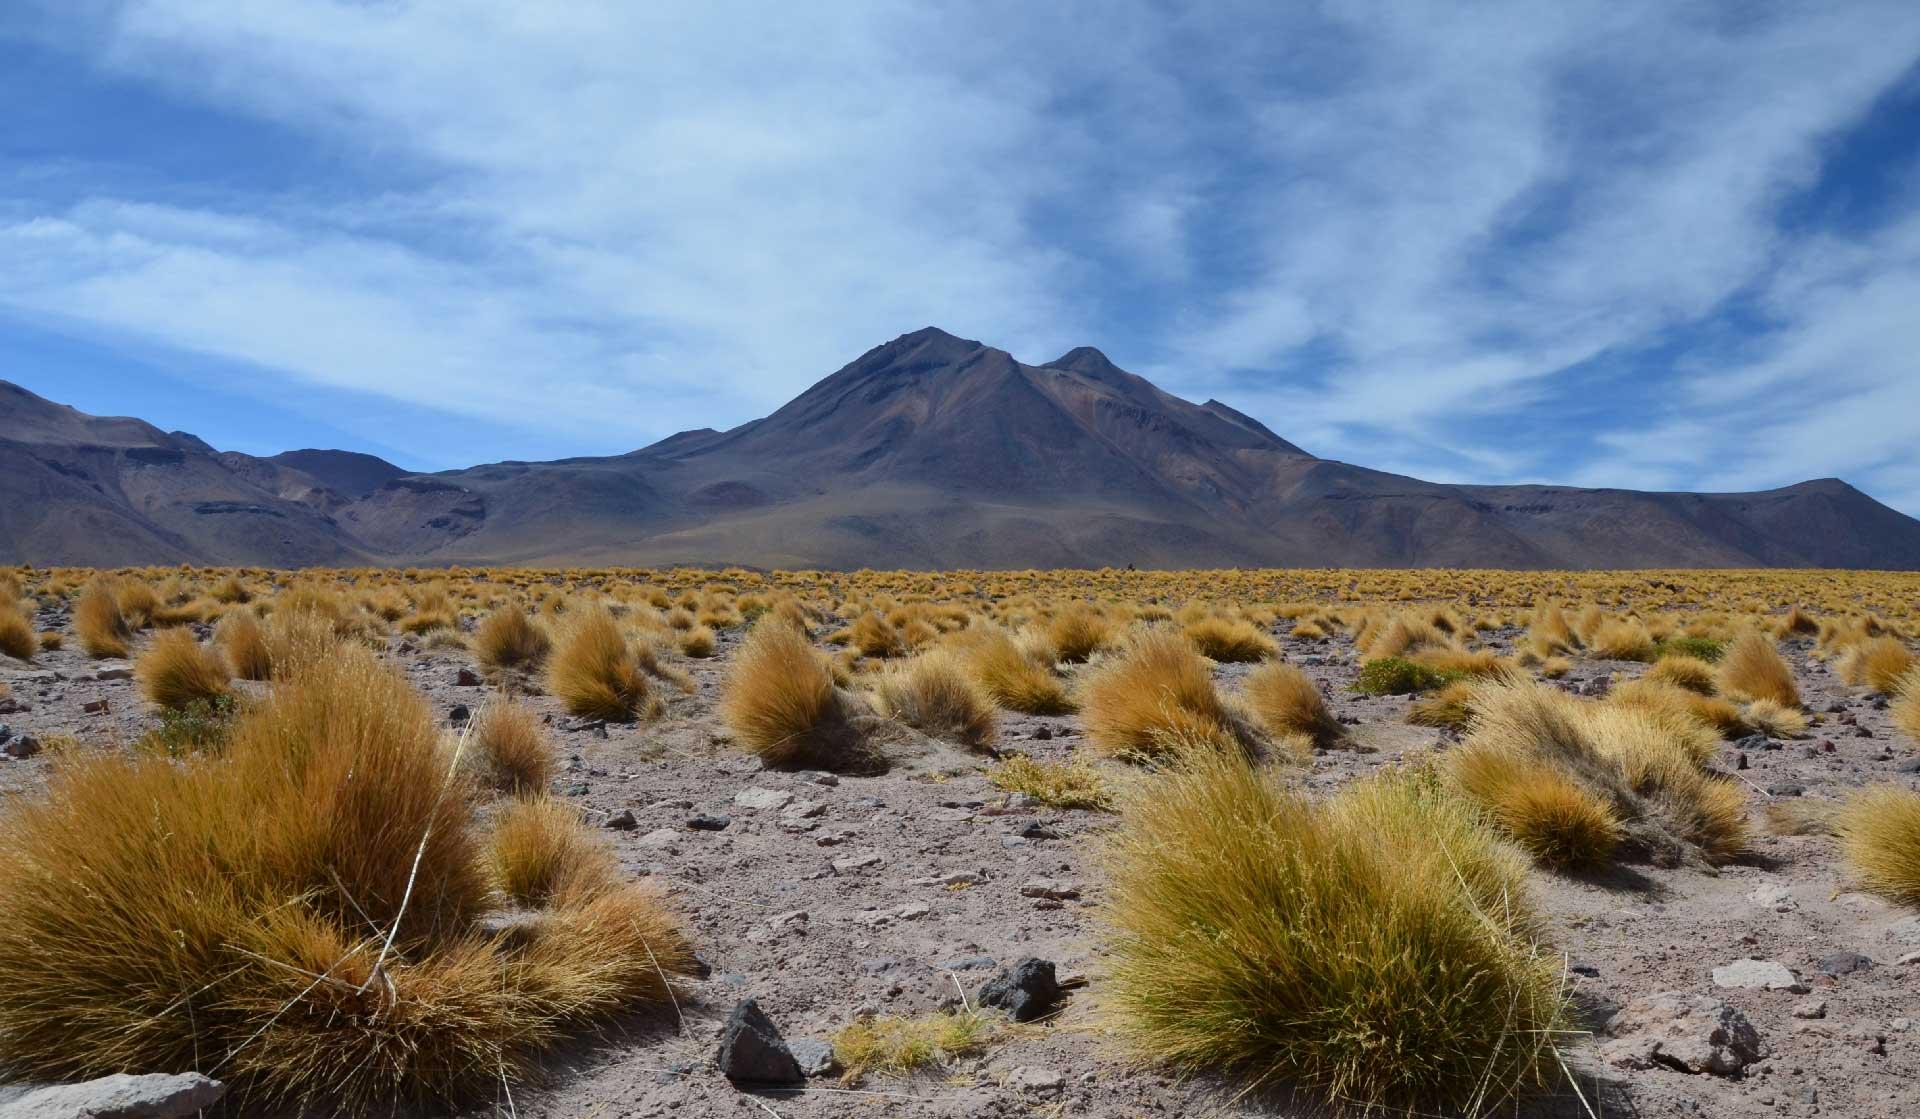 Chile_Atacama_Laguna_Altiplanica-c-Gaelle_Montcharmont-10-web